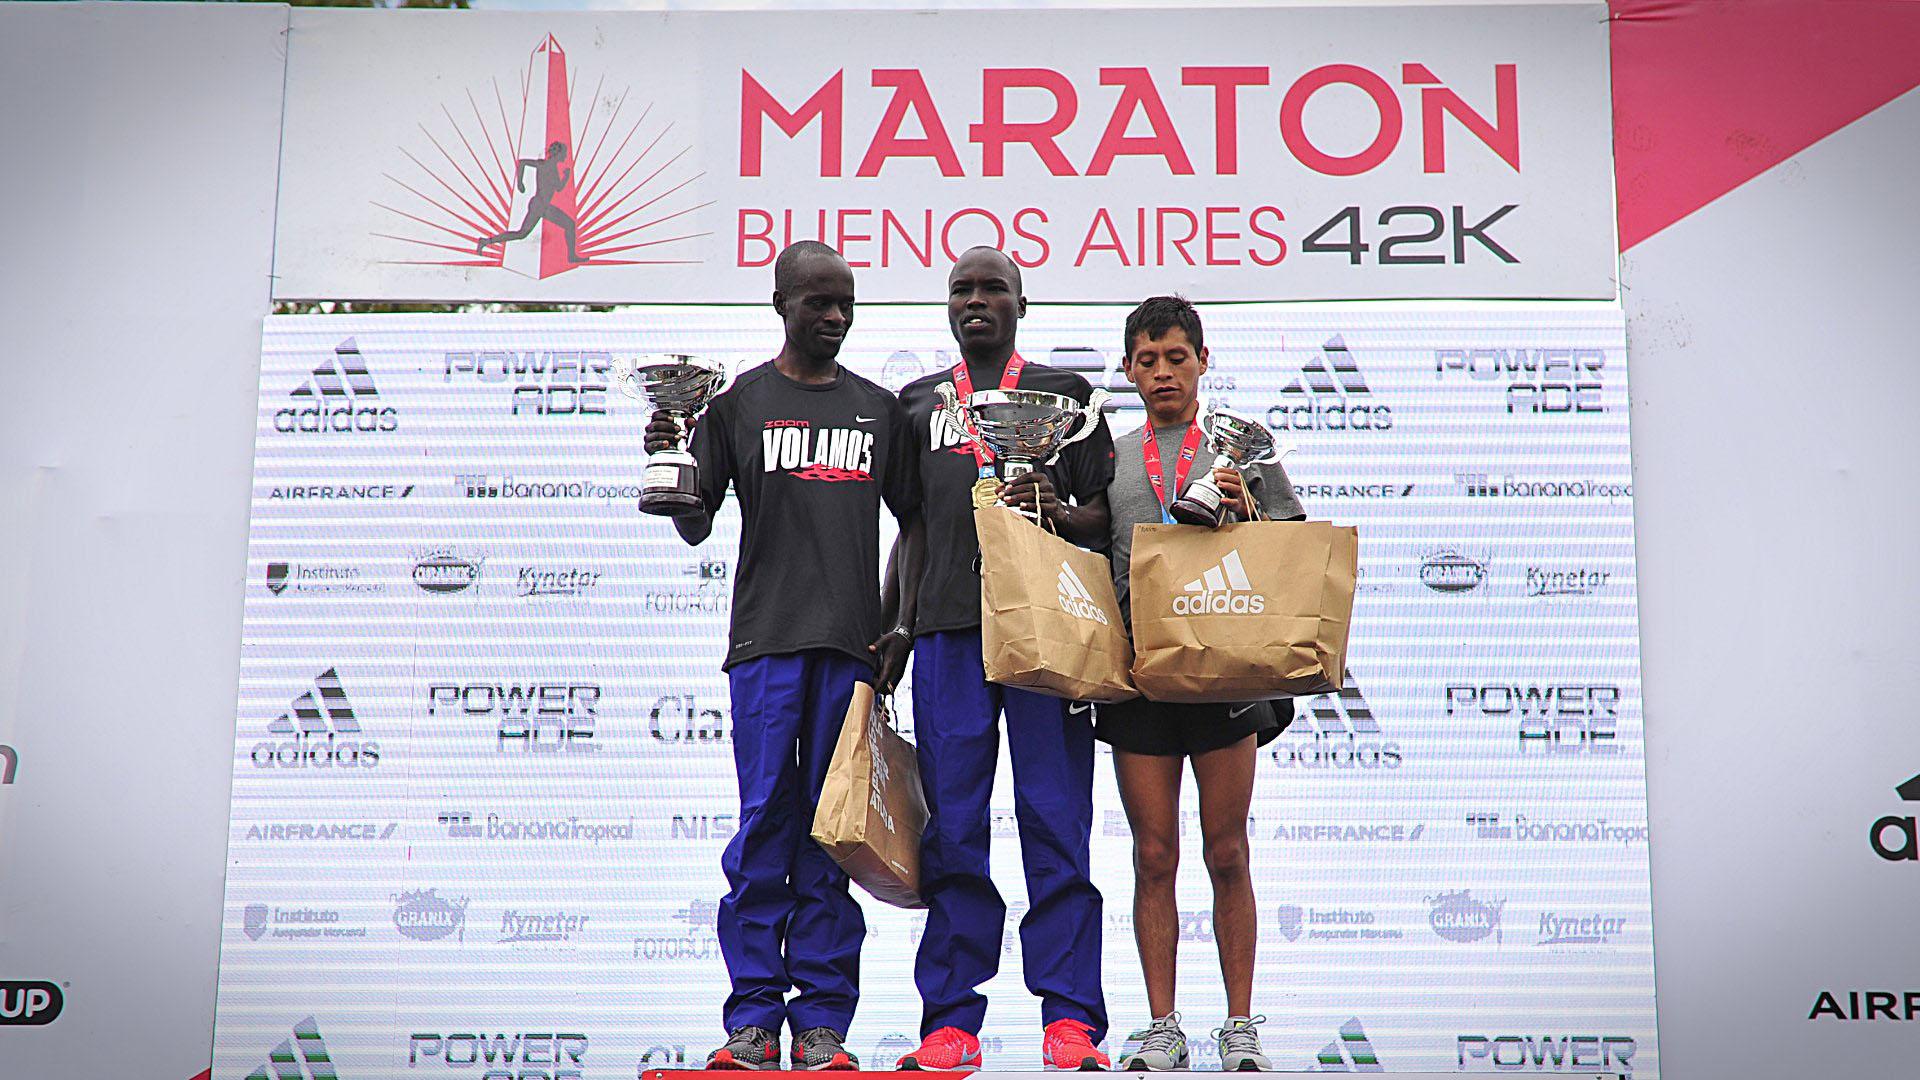 Los keniatas Saina Emmanuel Kipbemboi y Barnabas Kiptum más el peruano Cristhian Pacheco (campeón sudamericano) conformaron el podio